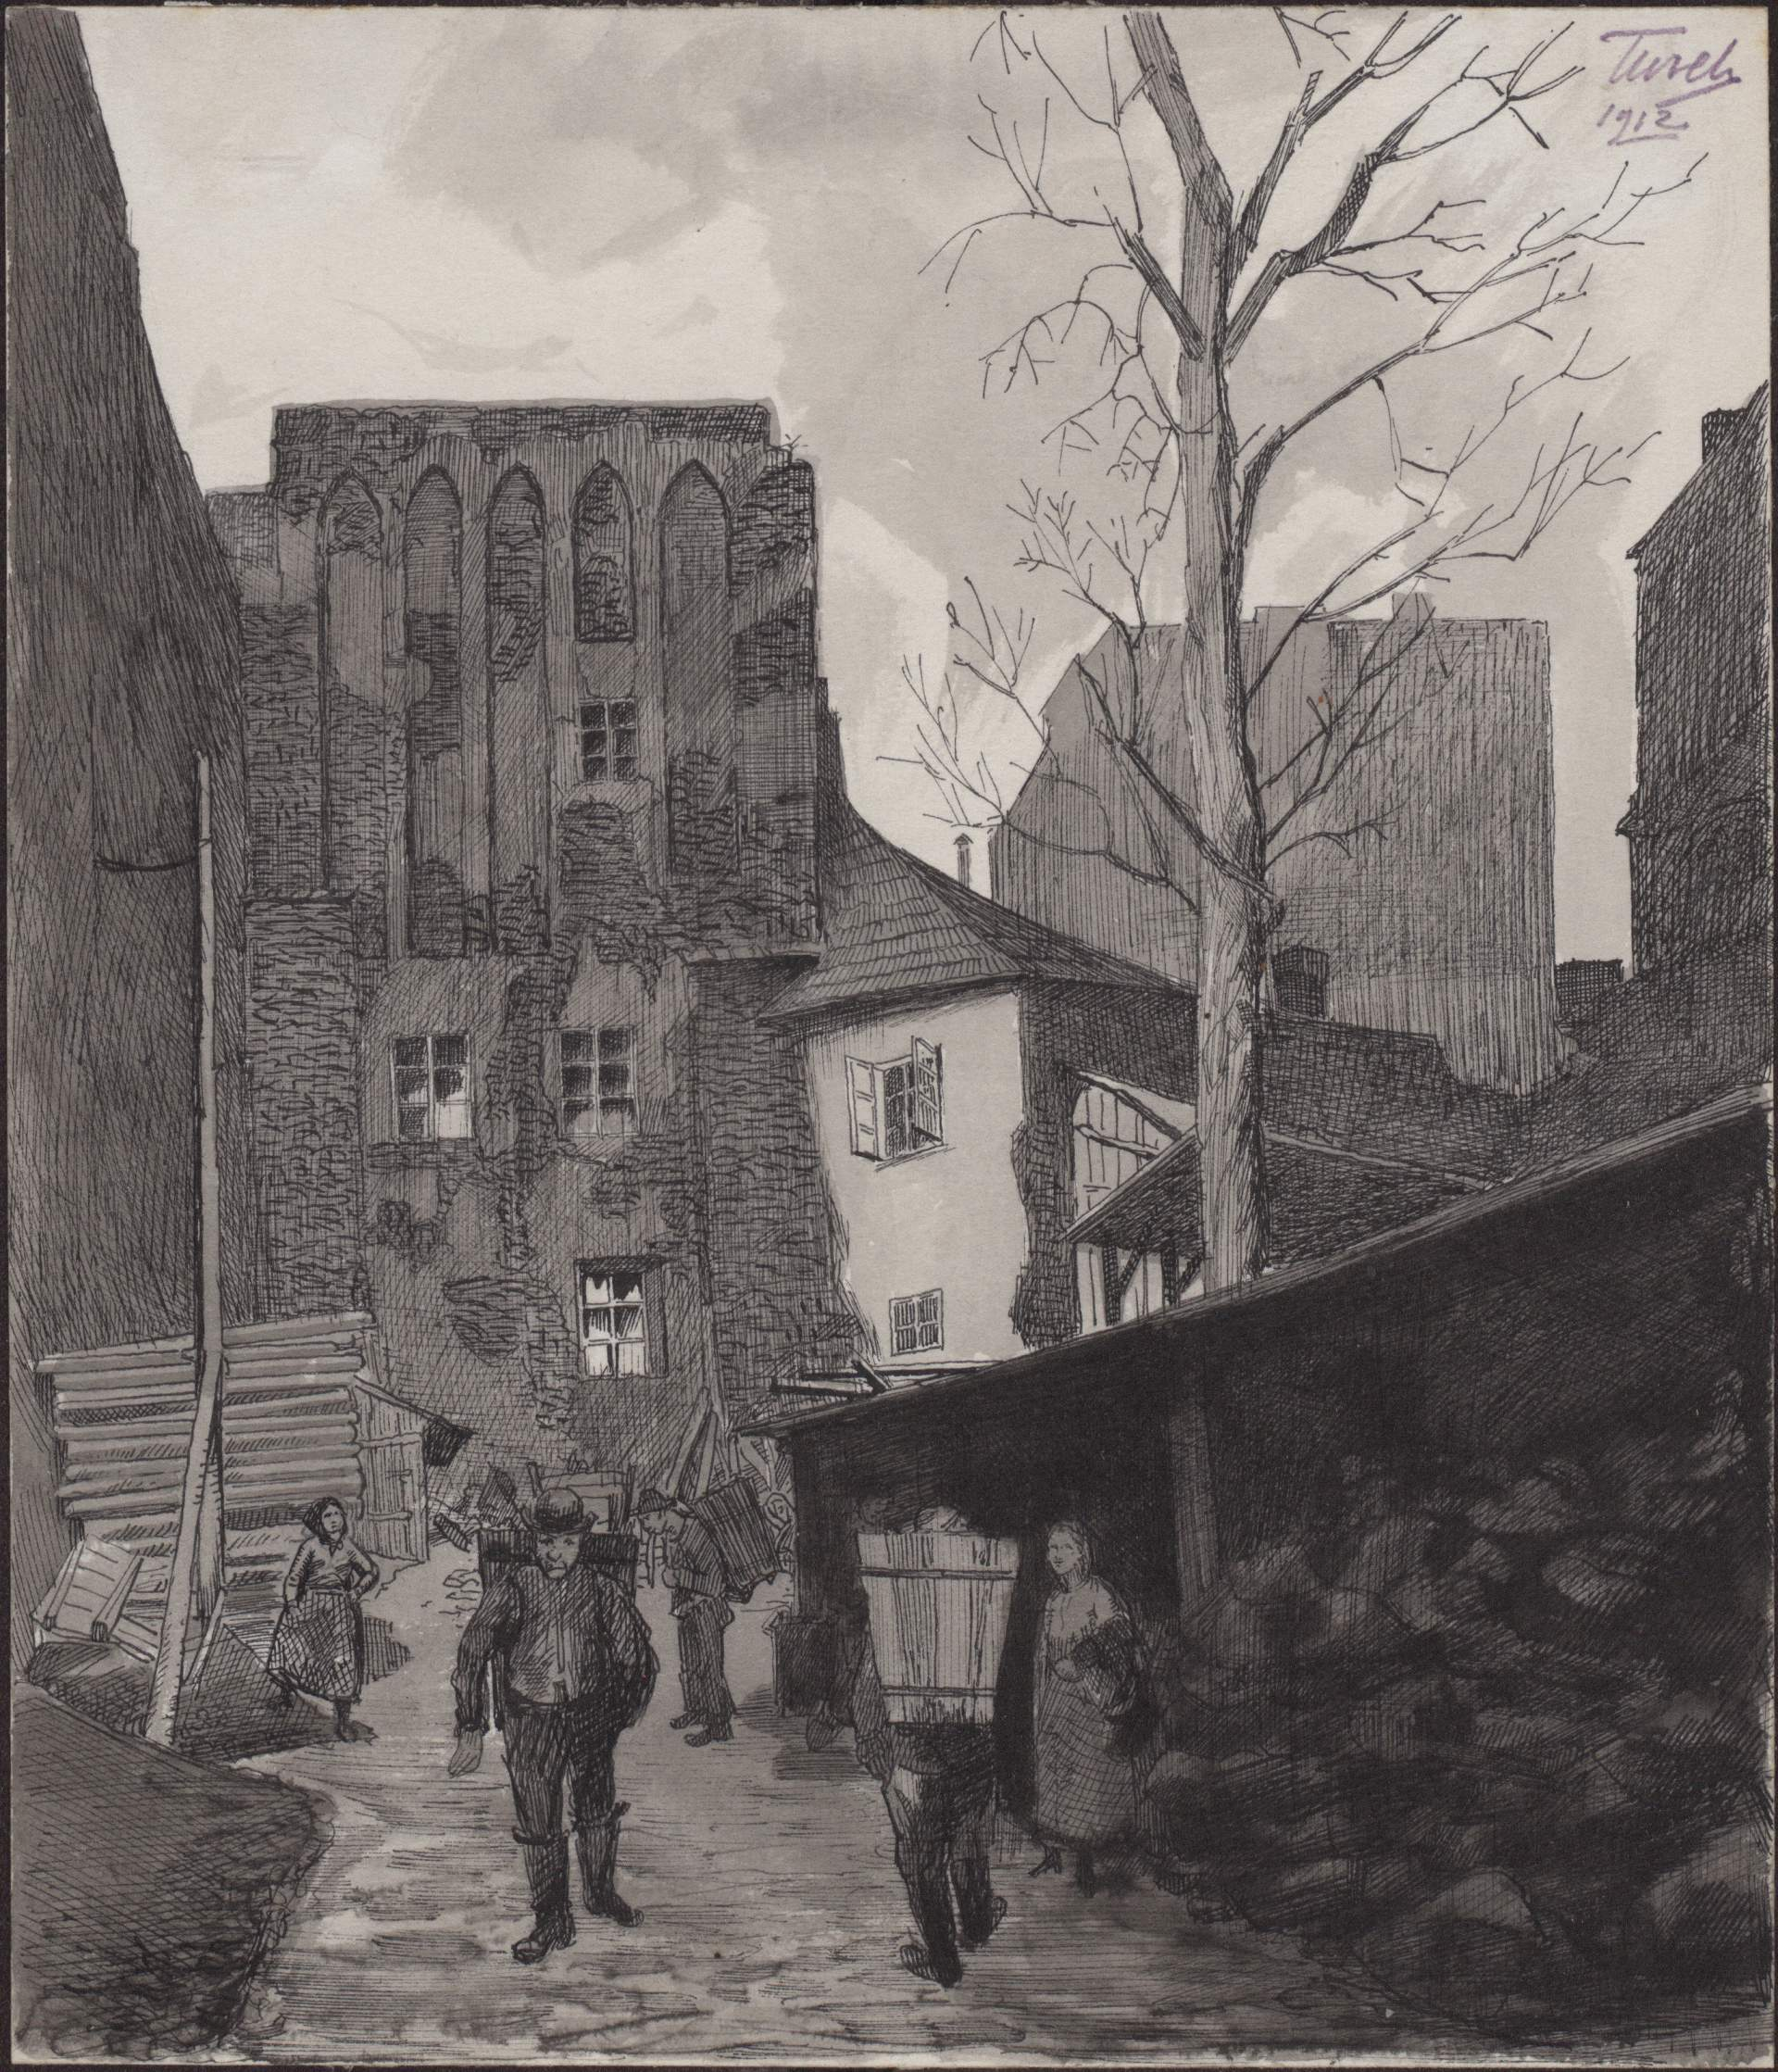 Rysunek czarnym tuszem przedstawiający podwórko przy ul.św.Krzyża 4, poprawej stronie skład węgla, napierwszym planie robotnic zdrewnianymi koszami nawęgiel, noszonymi naplecach